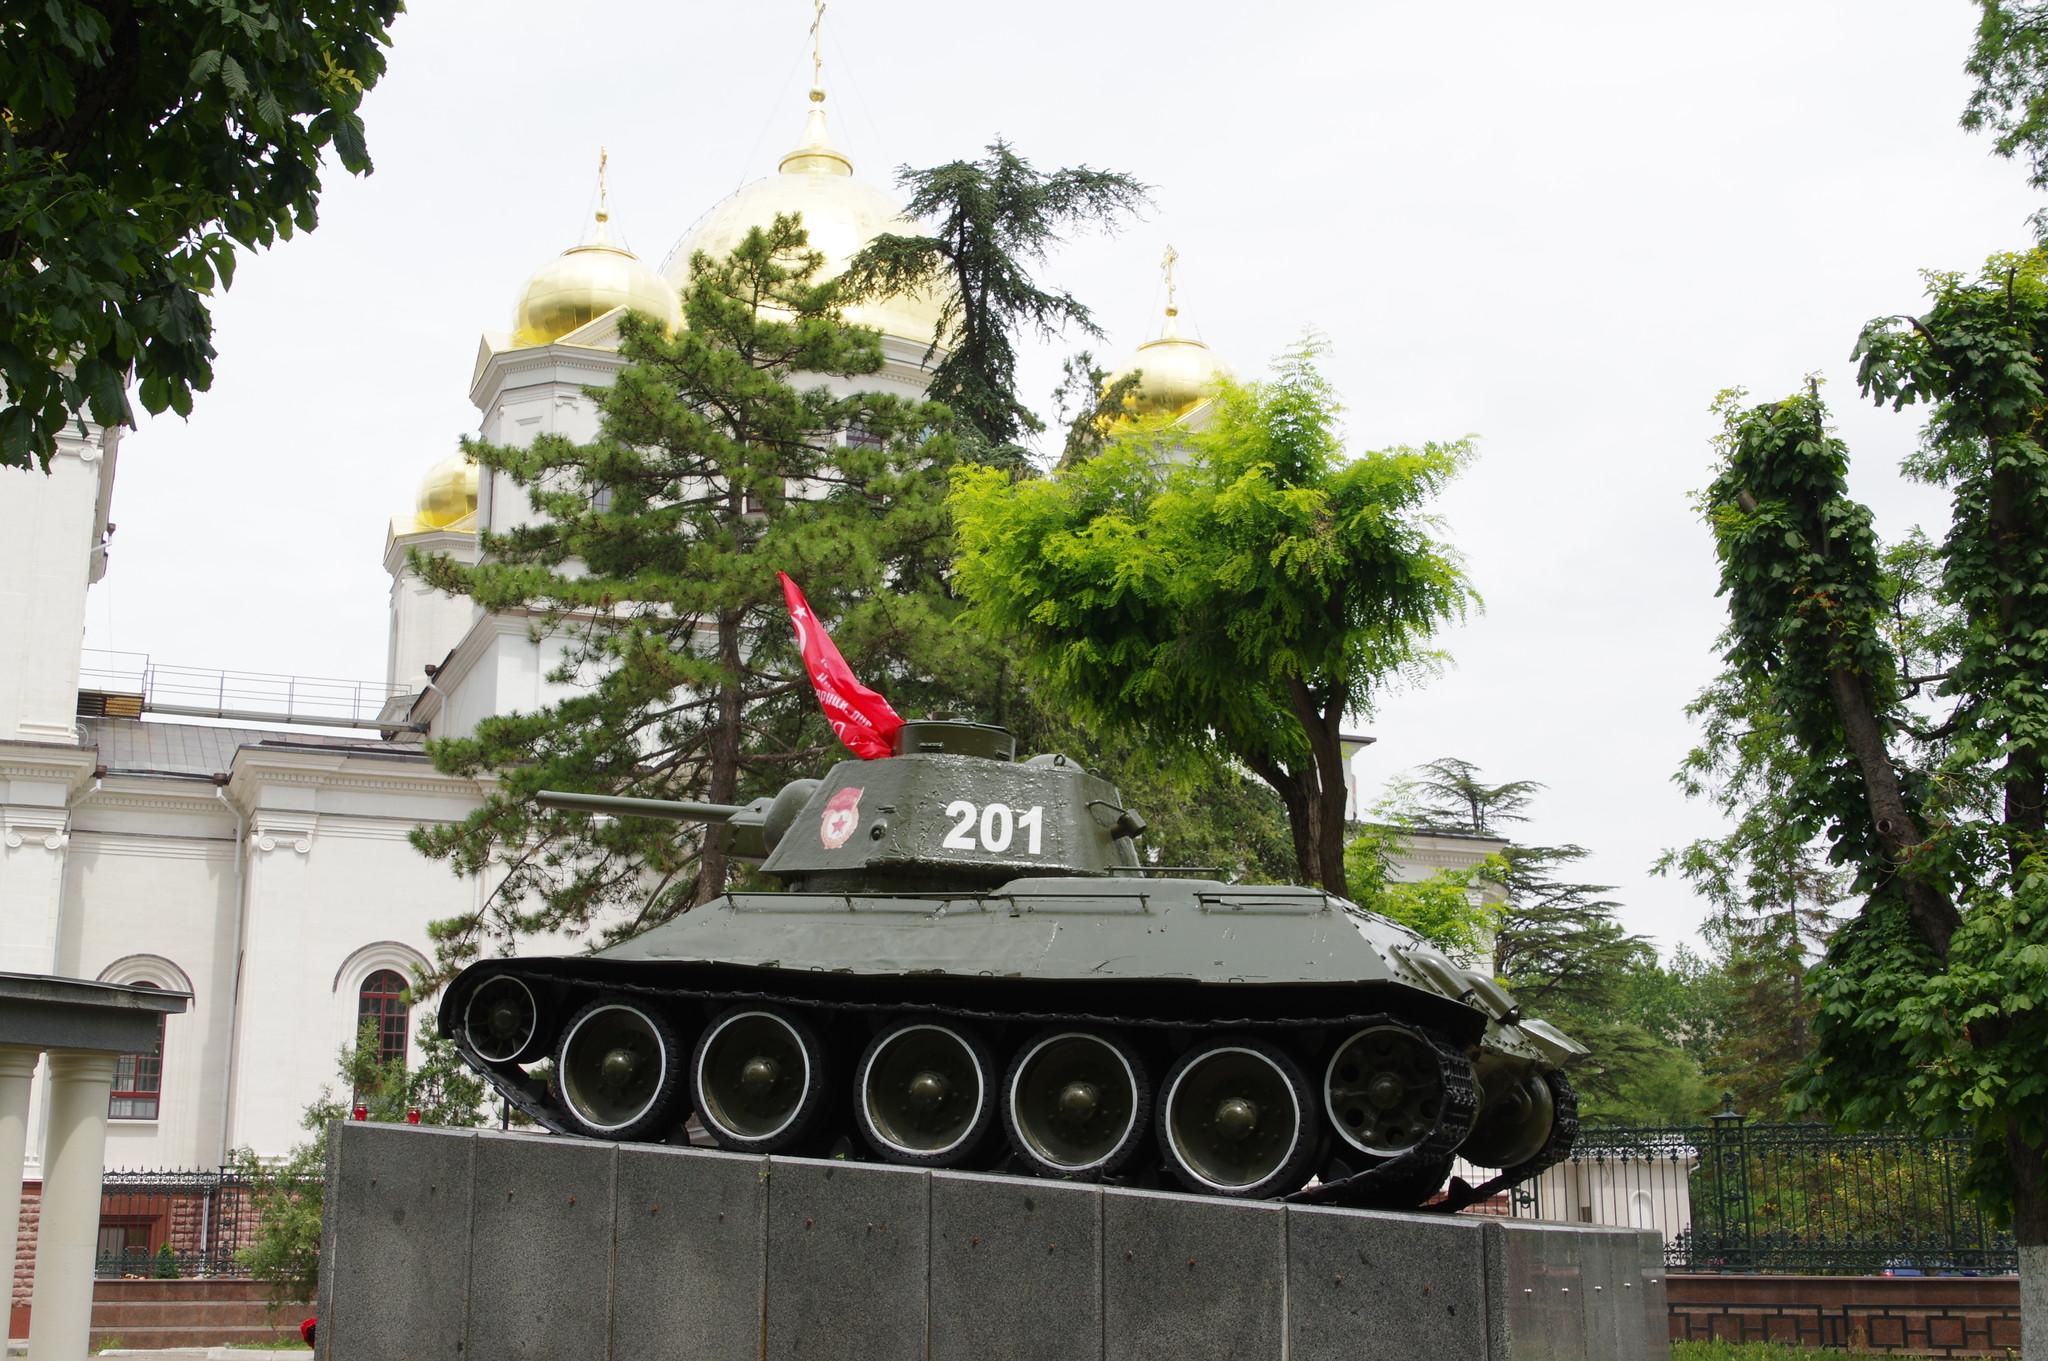 Огнемётный танк ОТ-34 № 201, который одним из первых вошёл в город Симферополь 13 апреля 1944 года